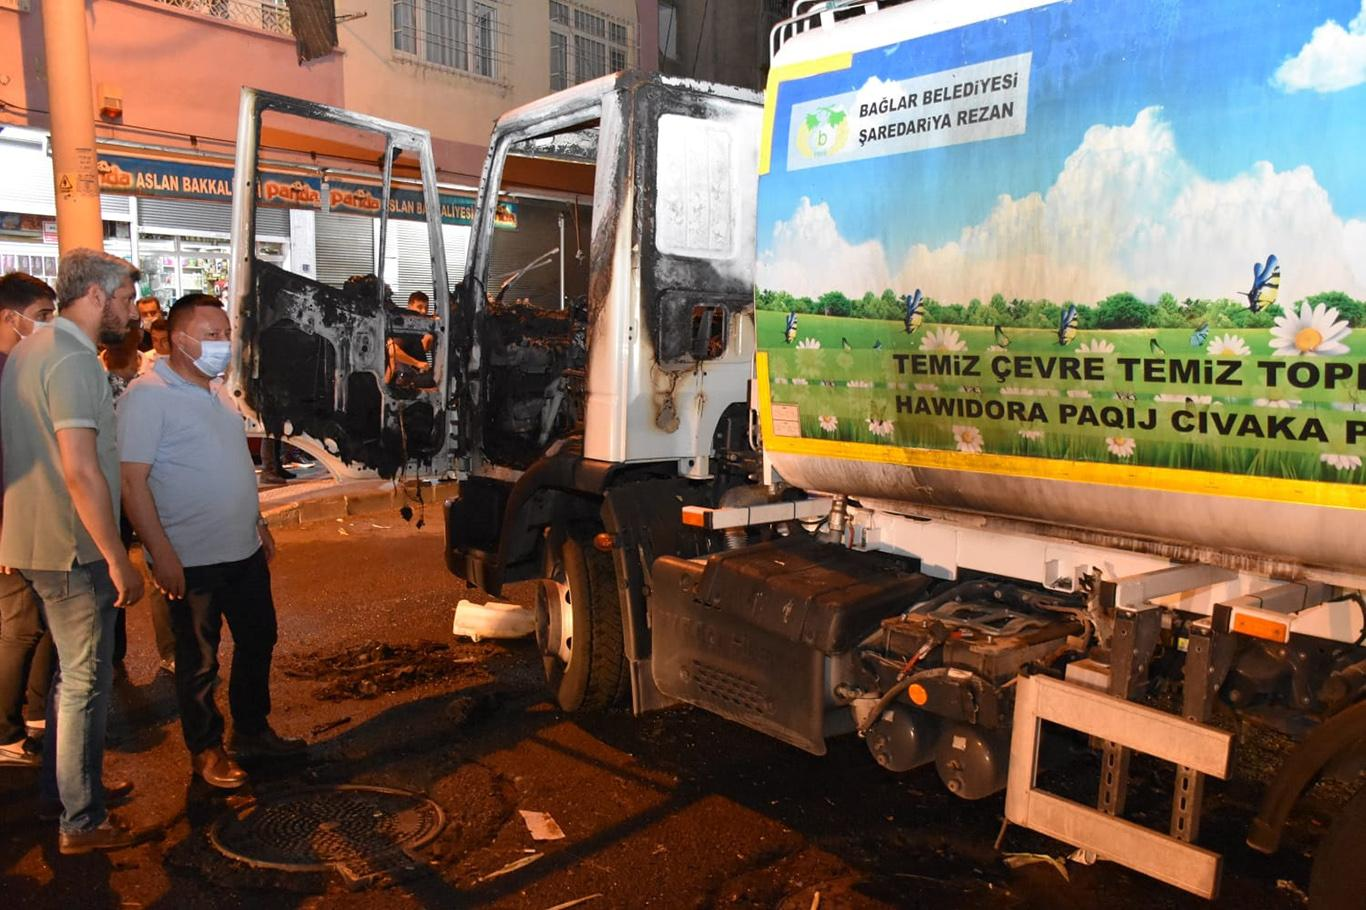 Belediye aracına yapılan saldırıya tepkiler sürüyor